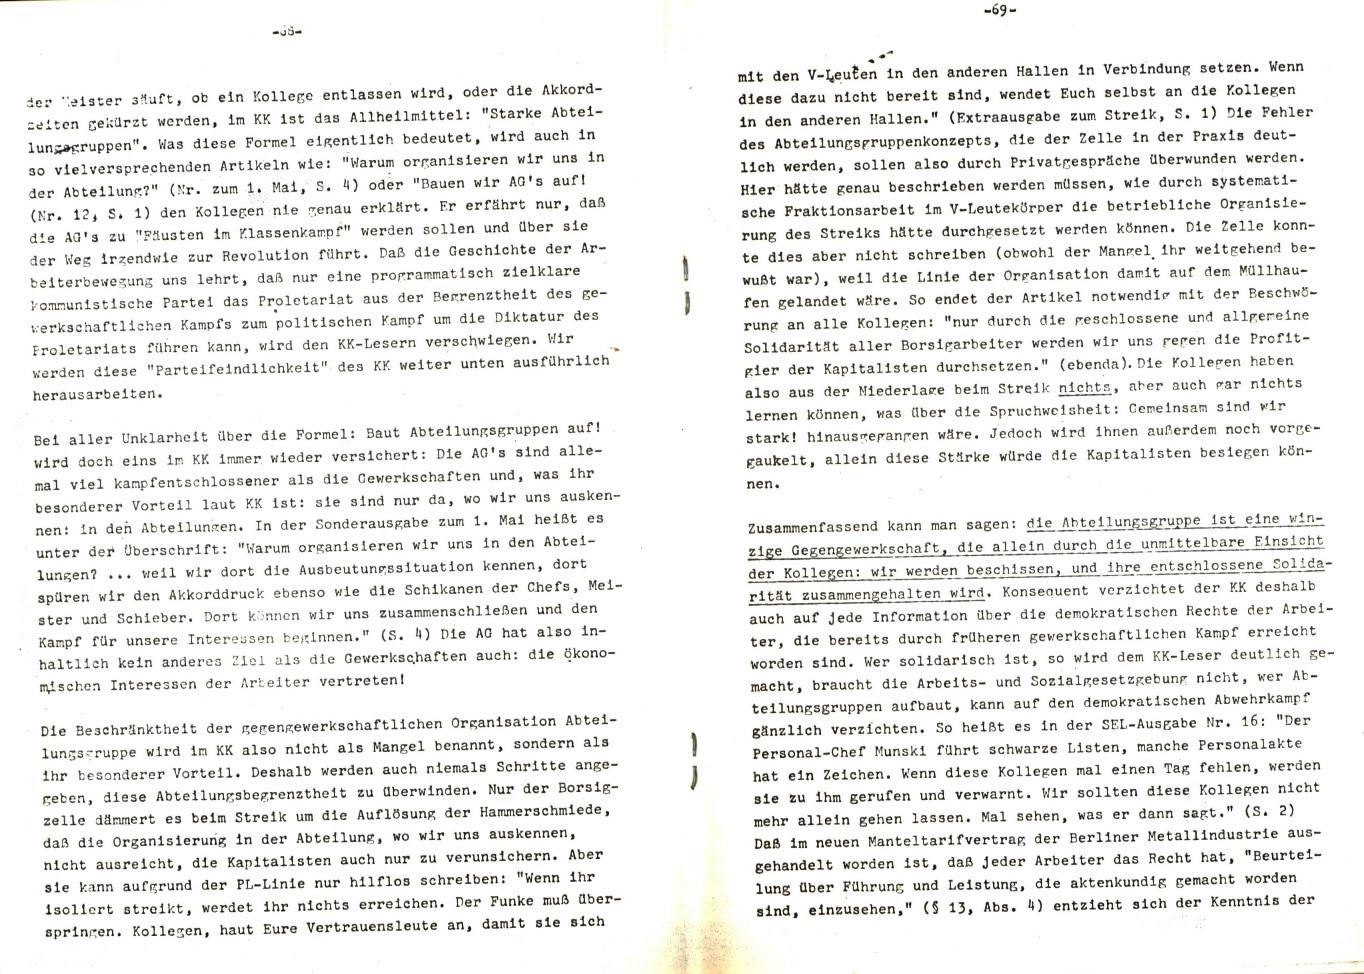 PLPI_1971_Aufloesung_37